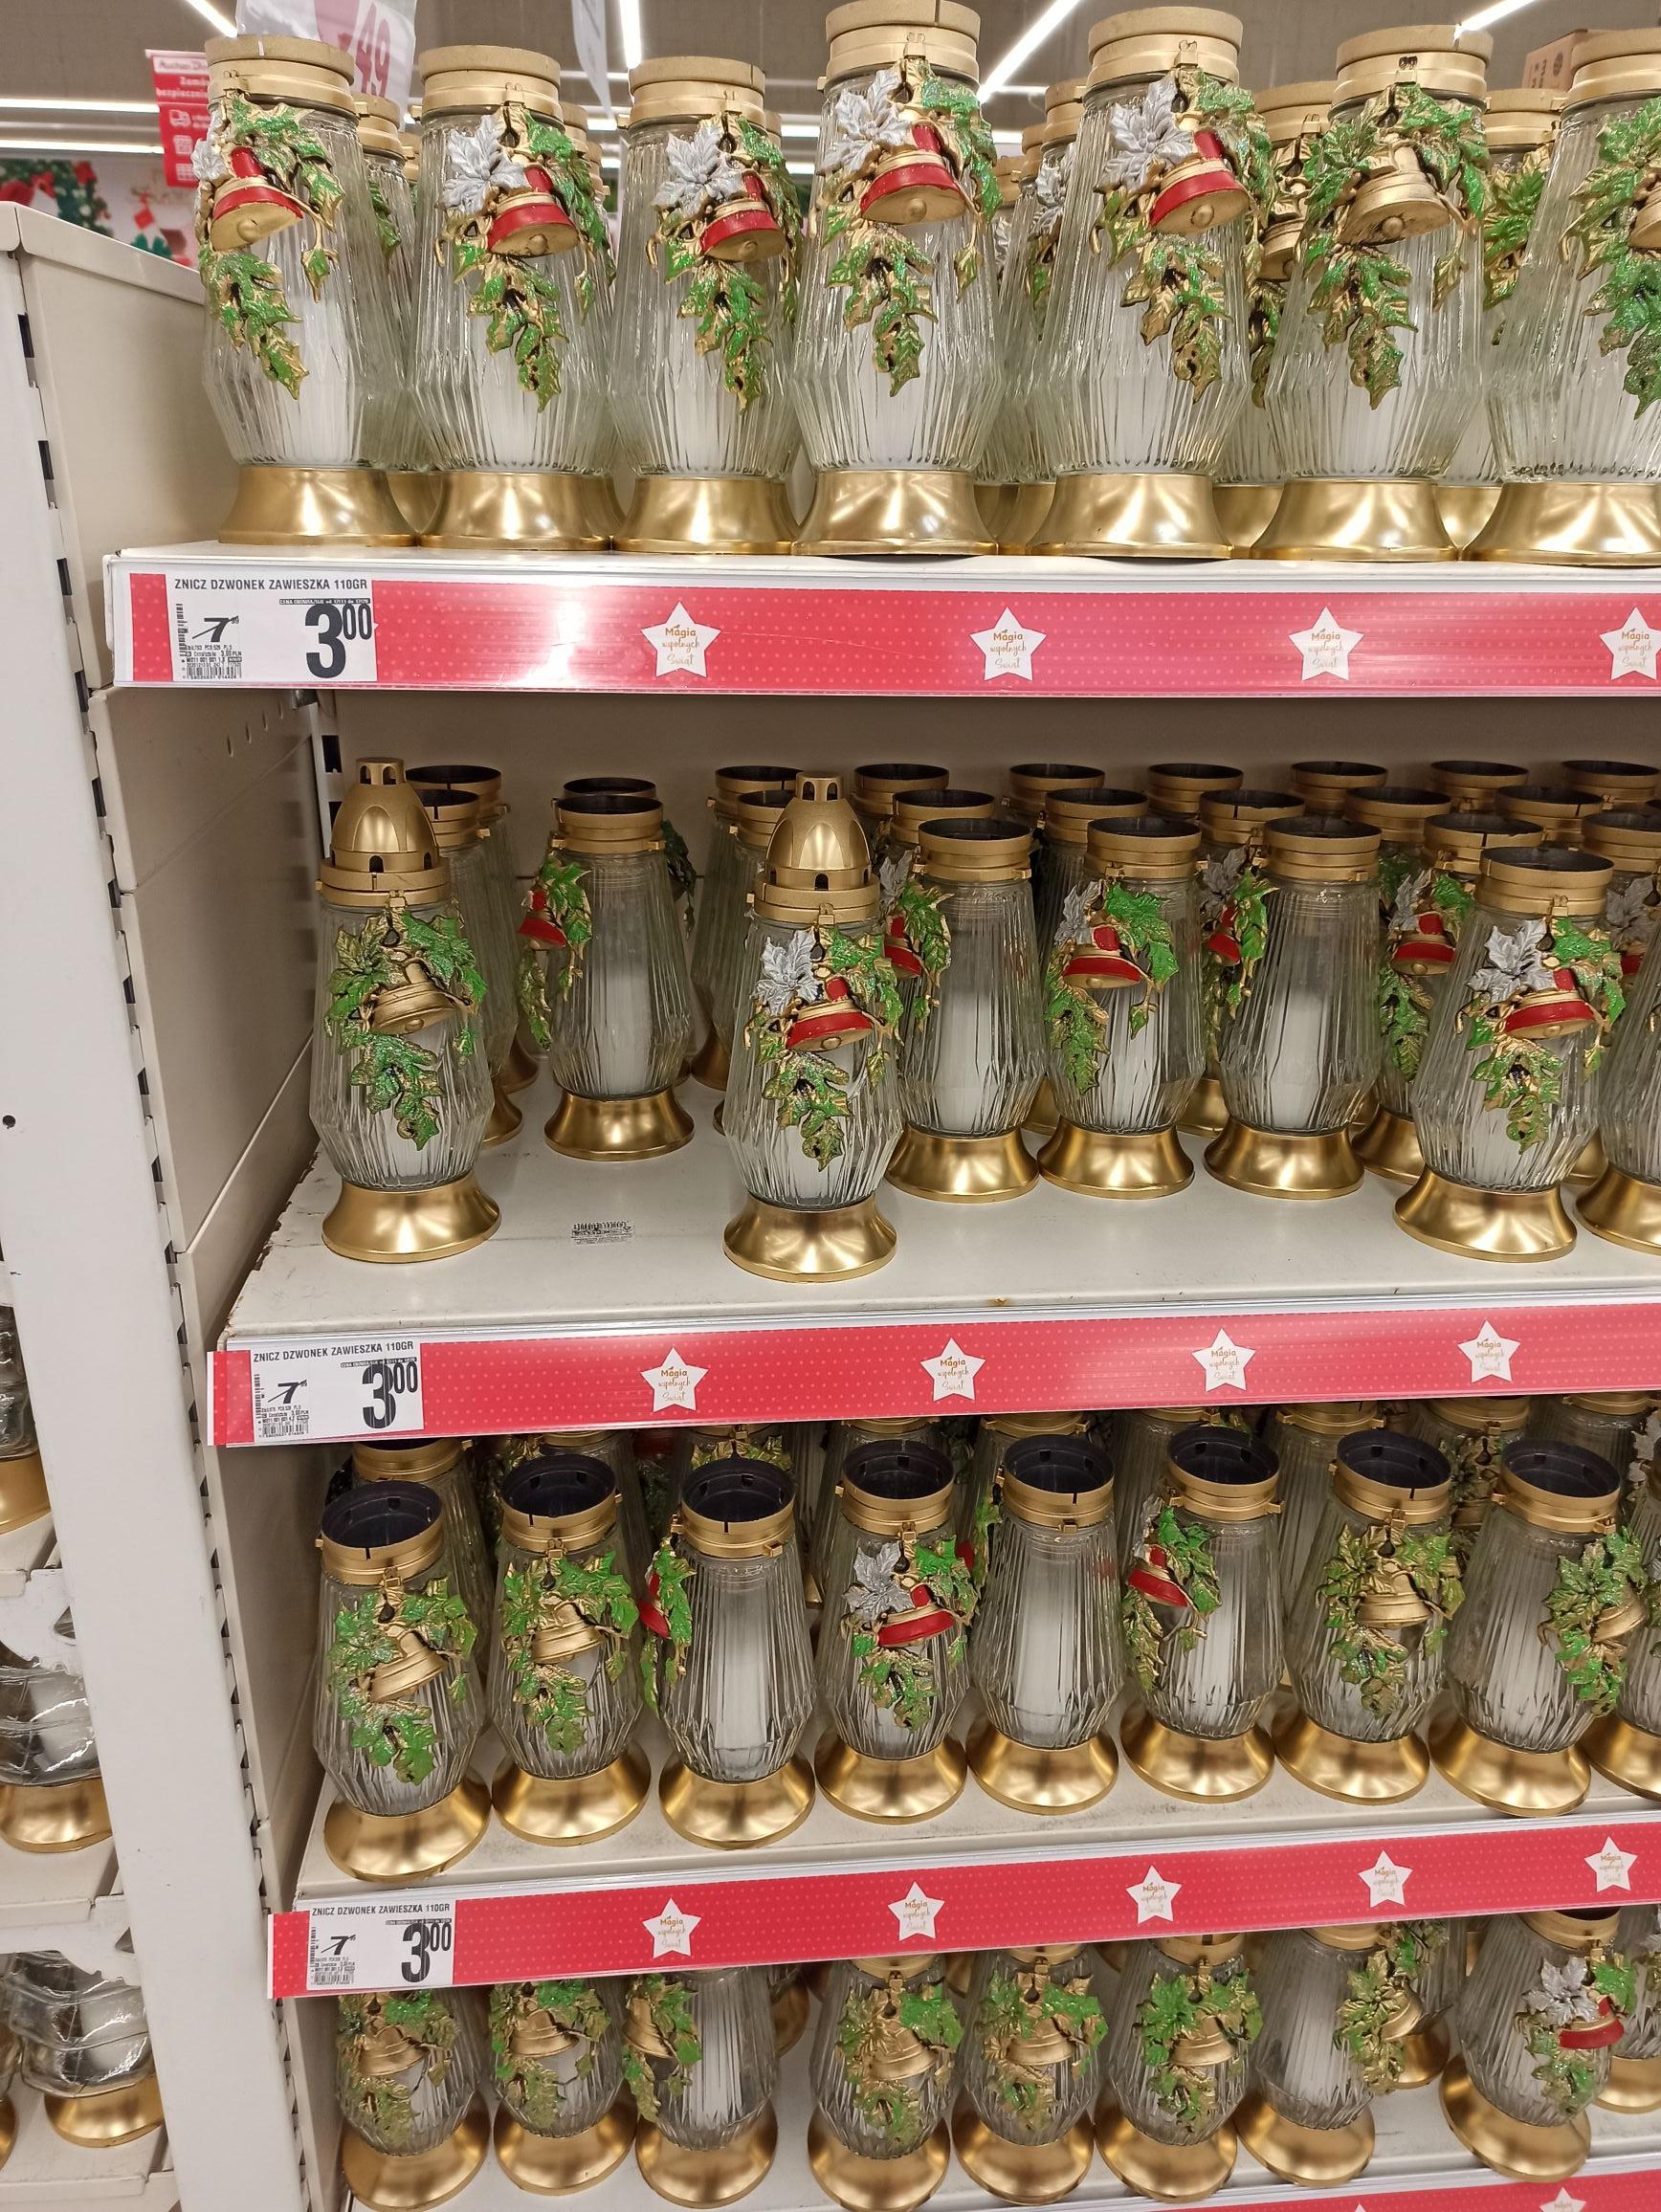 Znicze świąteczne 110 g Auchan Ursynów